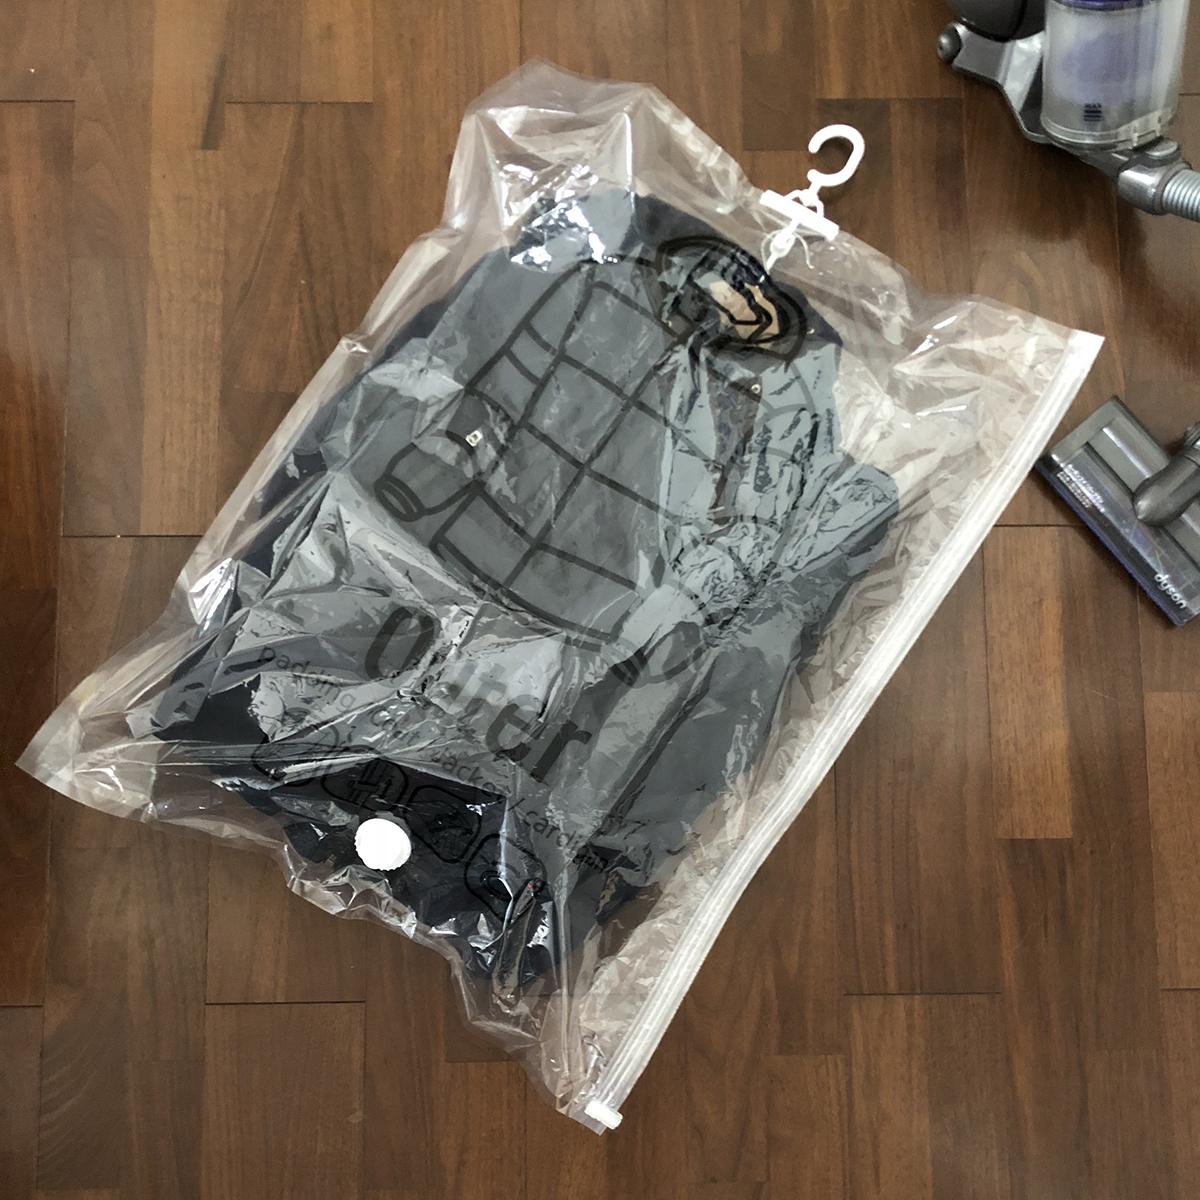 かさばるコートやジャケットをスマートに収納できる衣類圧縮バッグ|vacuum seal hanging bag